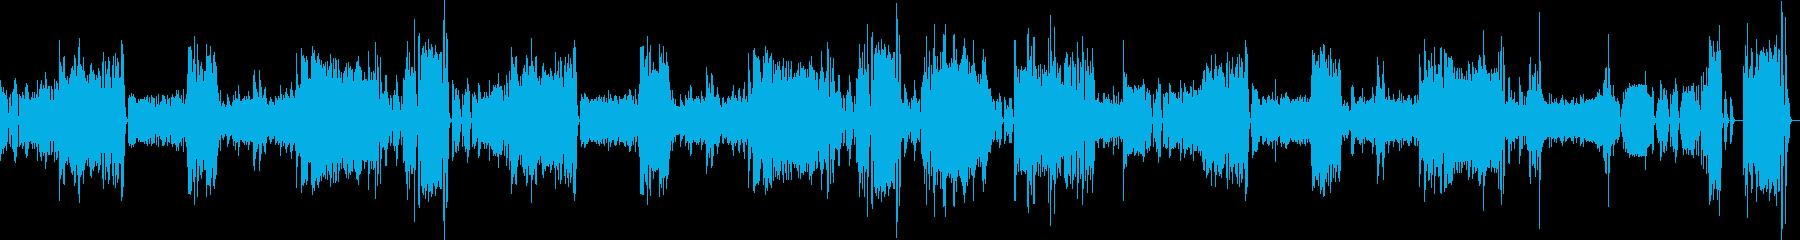 ベートーヴェンピアノソナタ第三番第一章の再生済みの波形